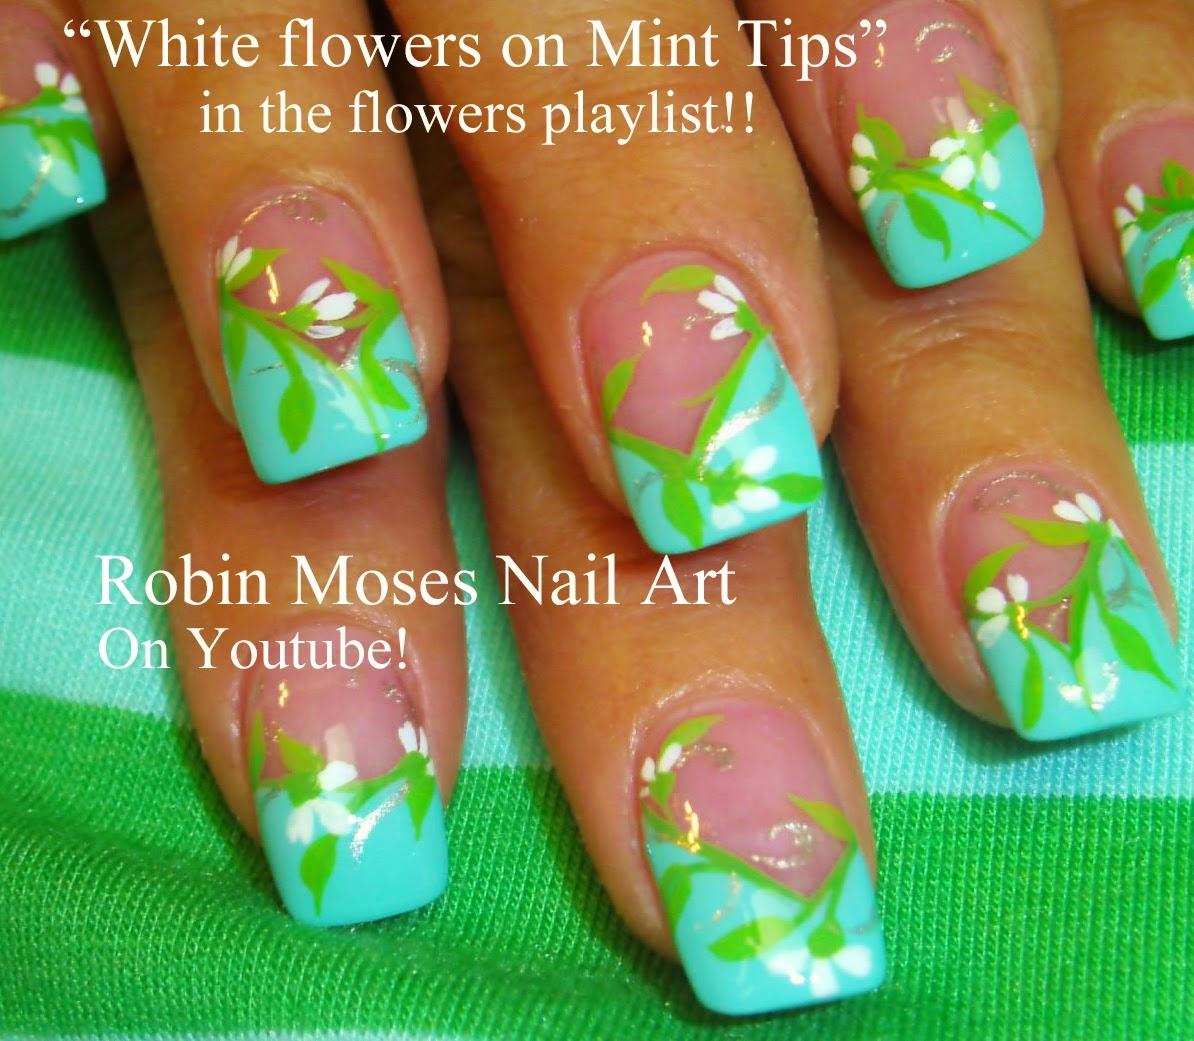 Robin Moses Nail Art: March 2015